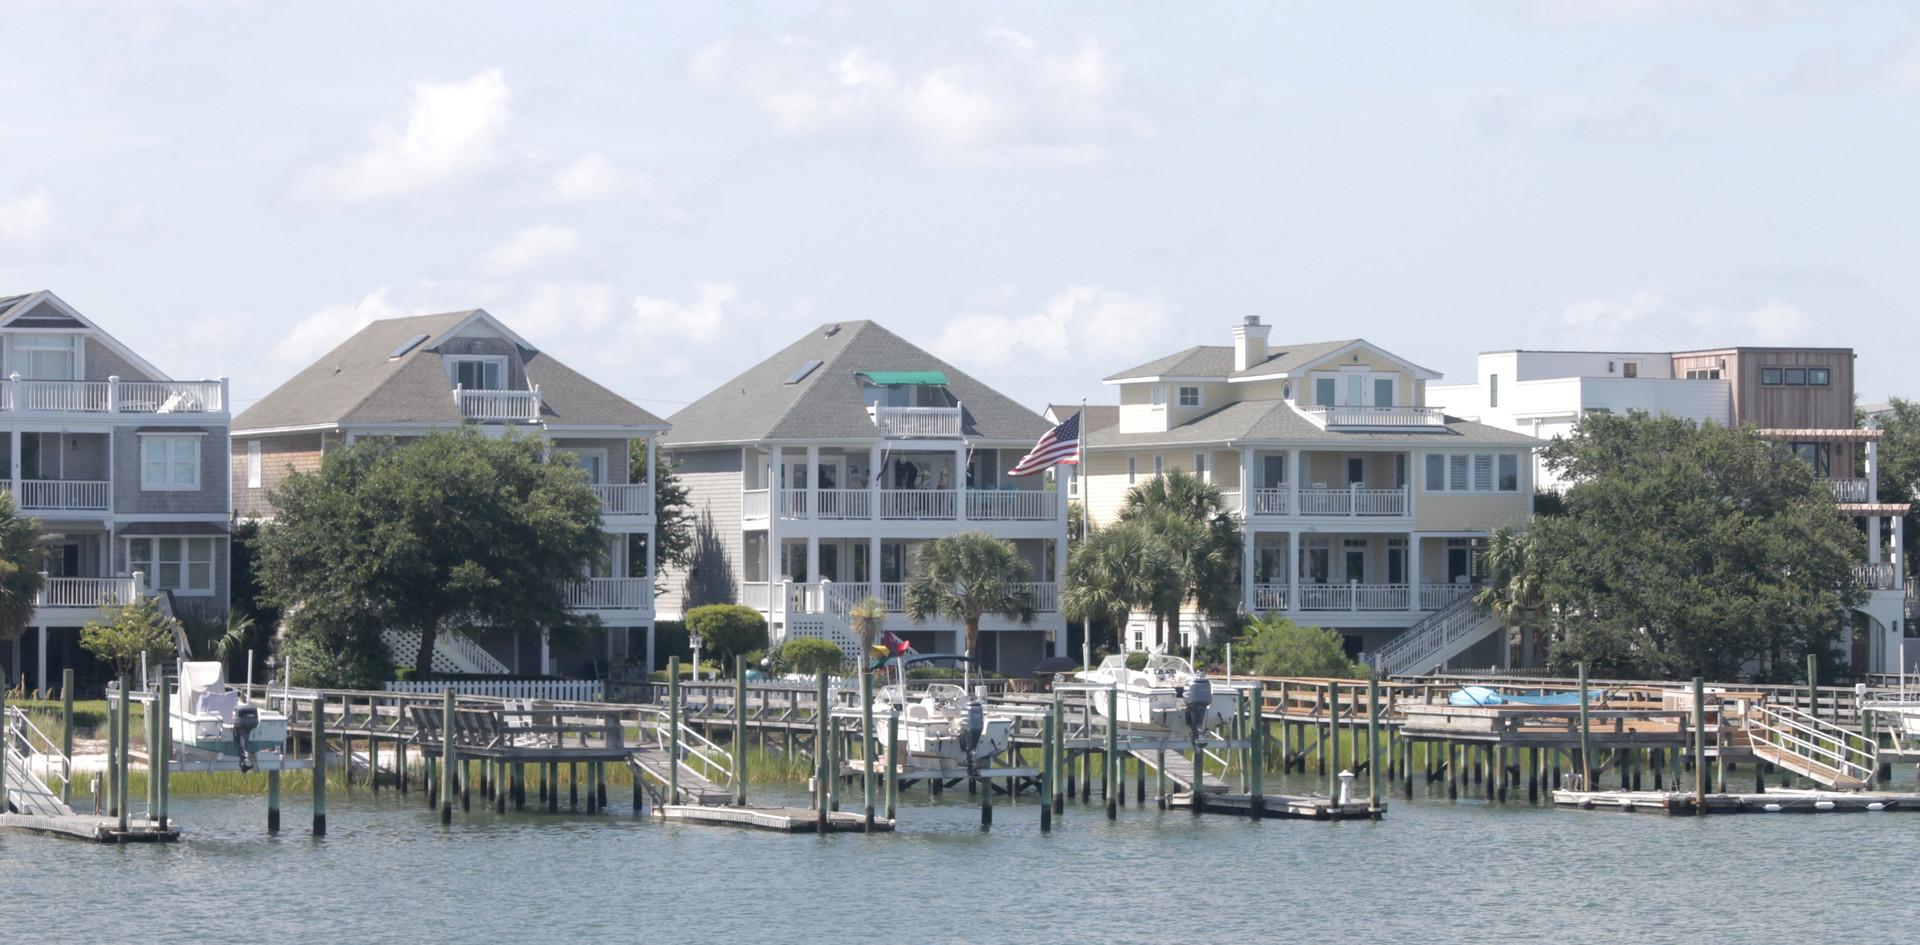 House on water 7.jpg